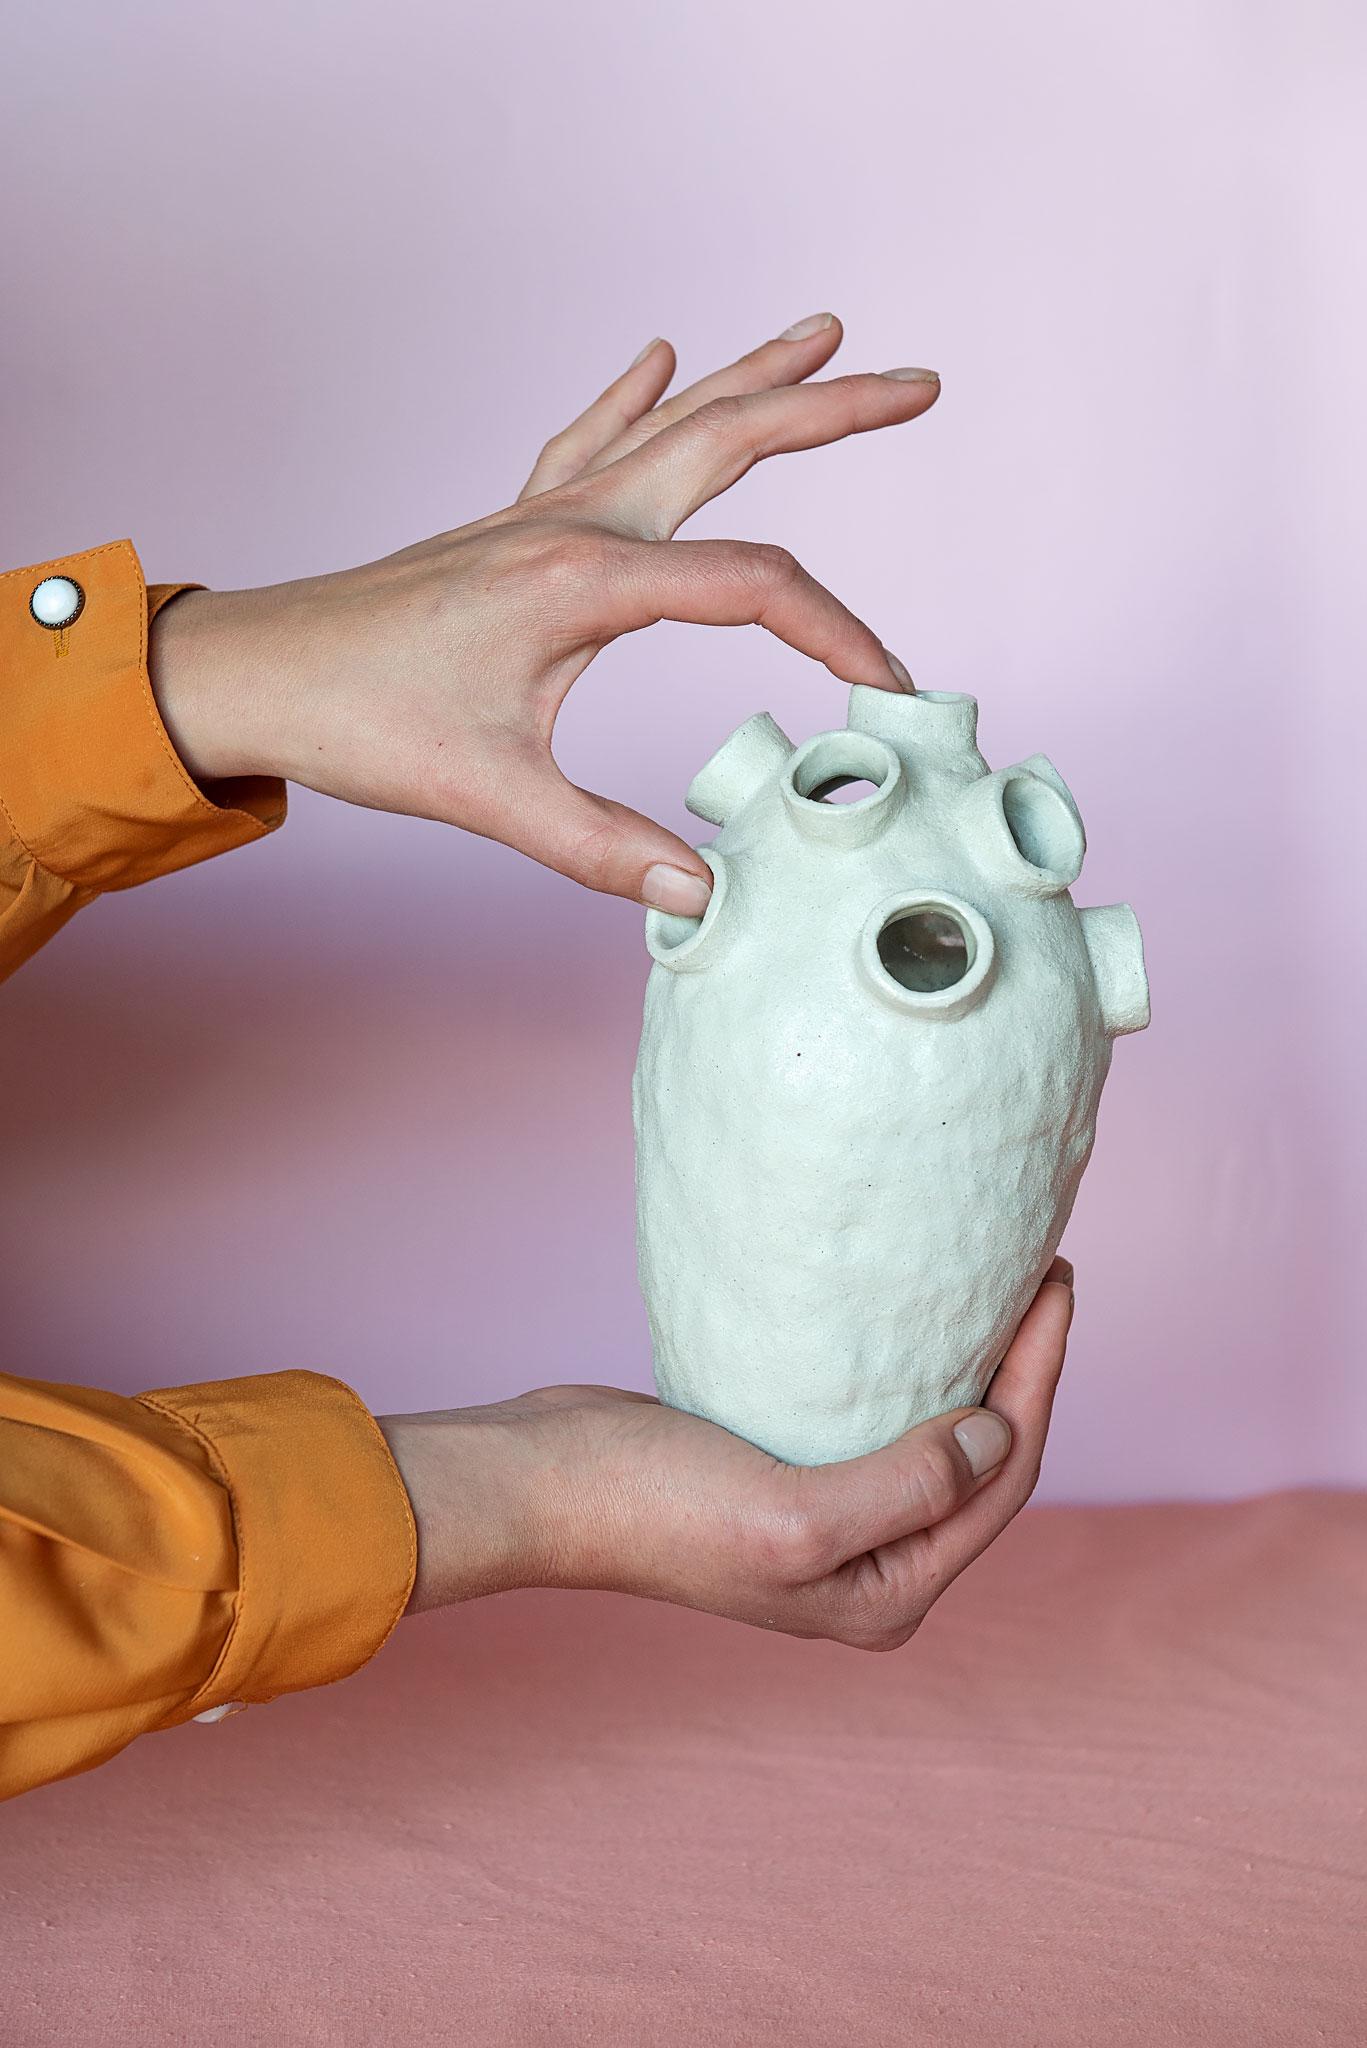 Peta Berghofer, Housebound, Holey Vase #2.jpg